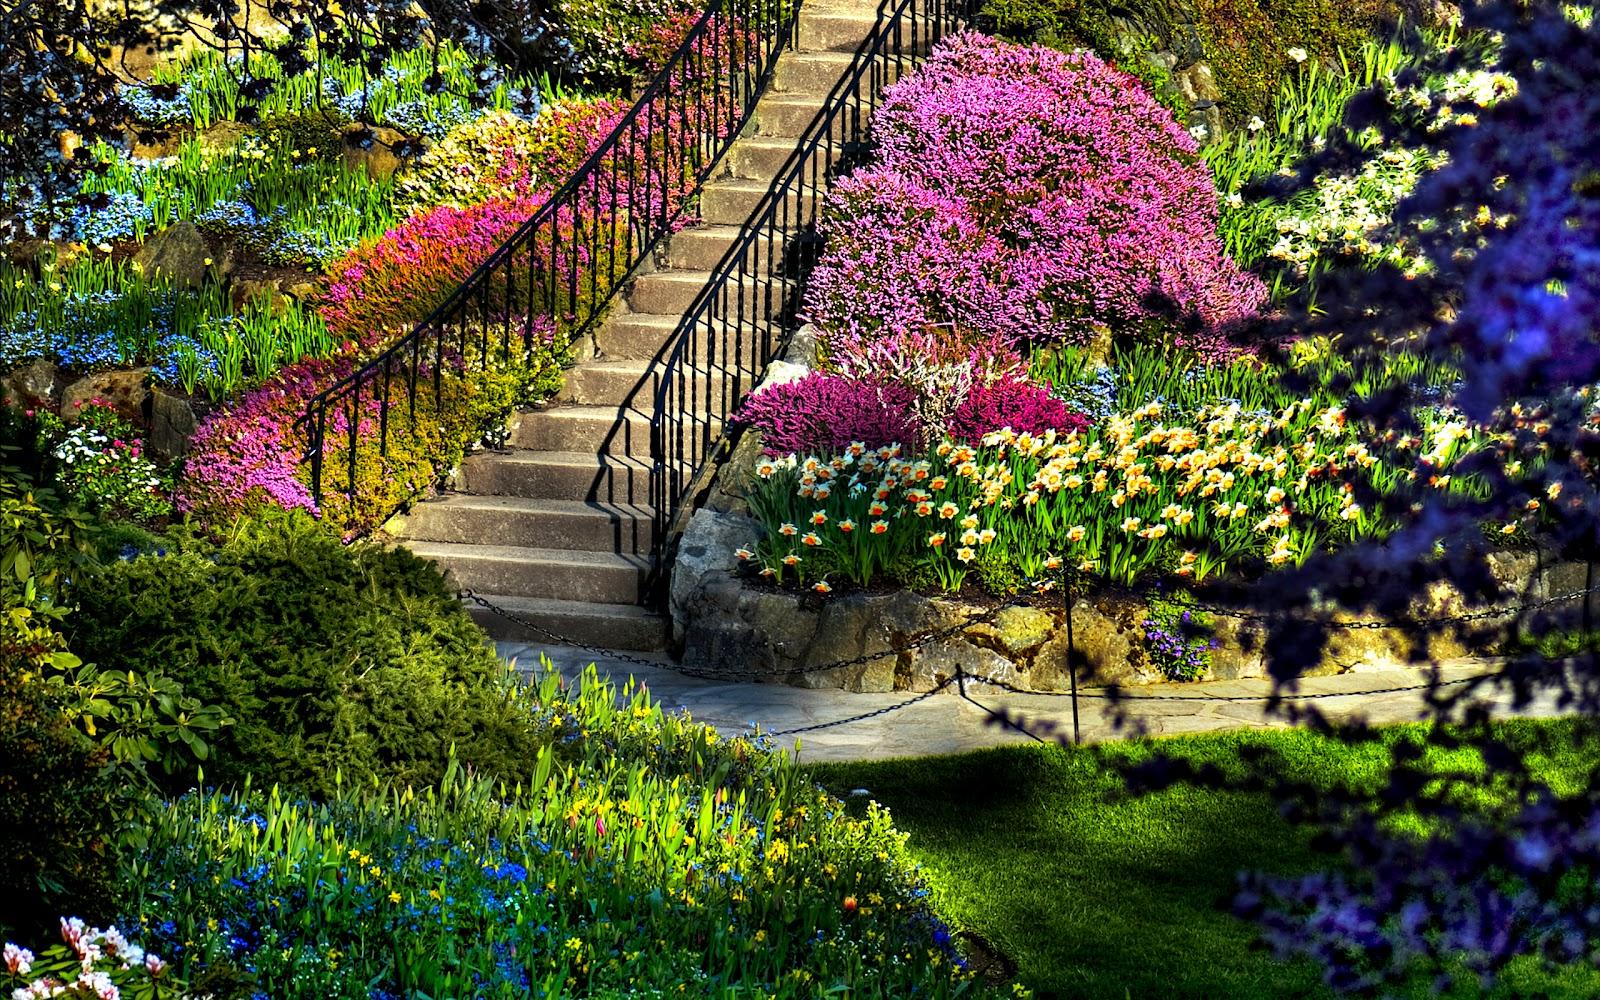 Most Beautiful Trees For Backyard : Paisagens de jardim  Papel de parede  Outubro de 2012  FOTOS DO